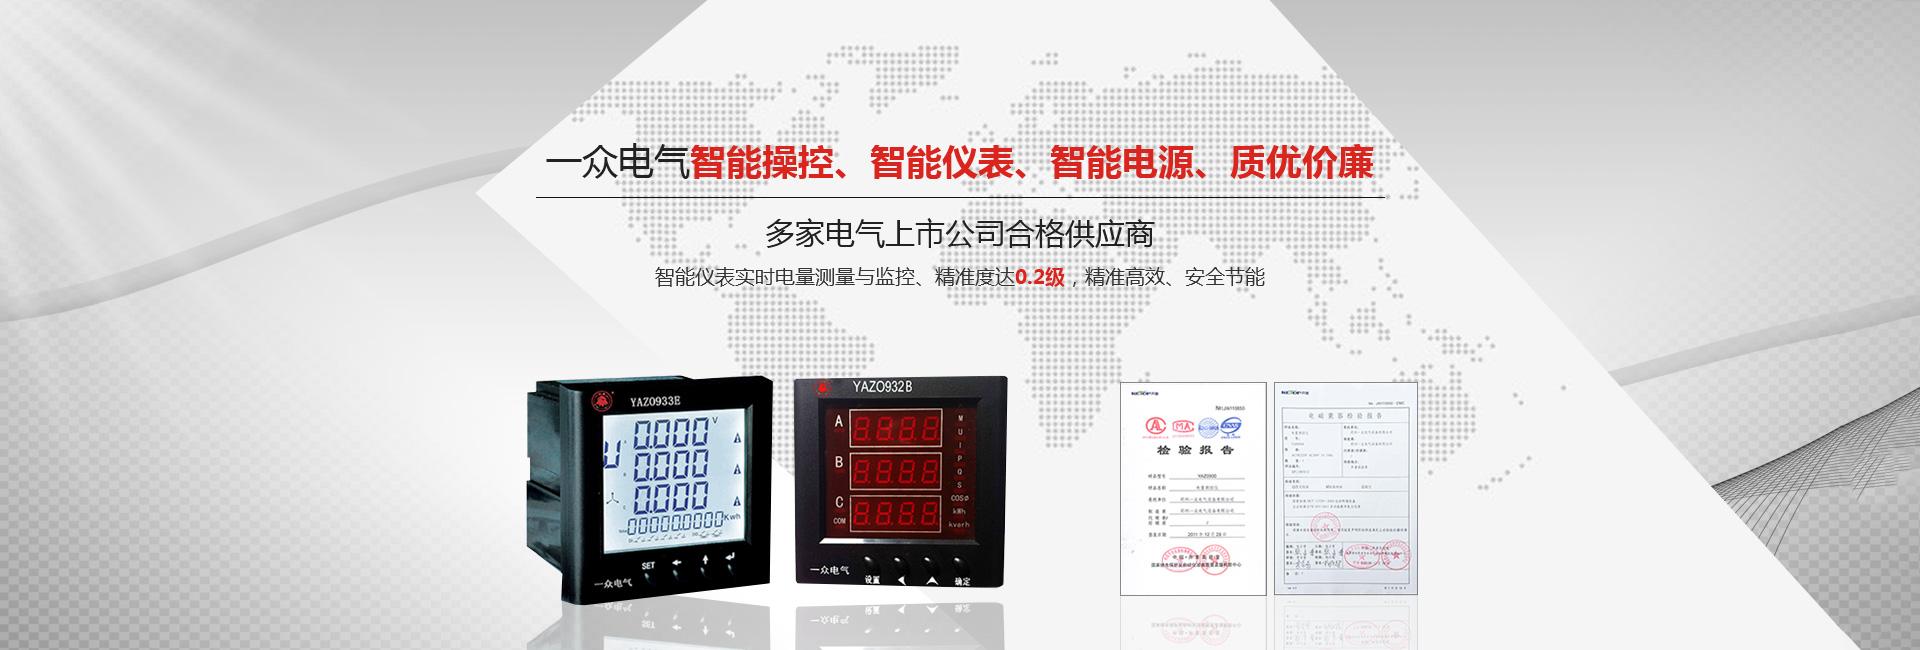 郑州一众电气设备有限公司